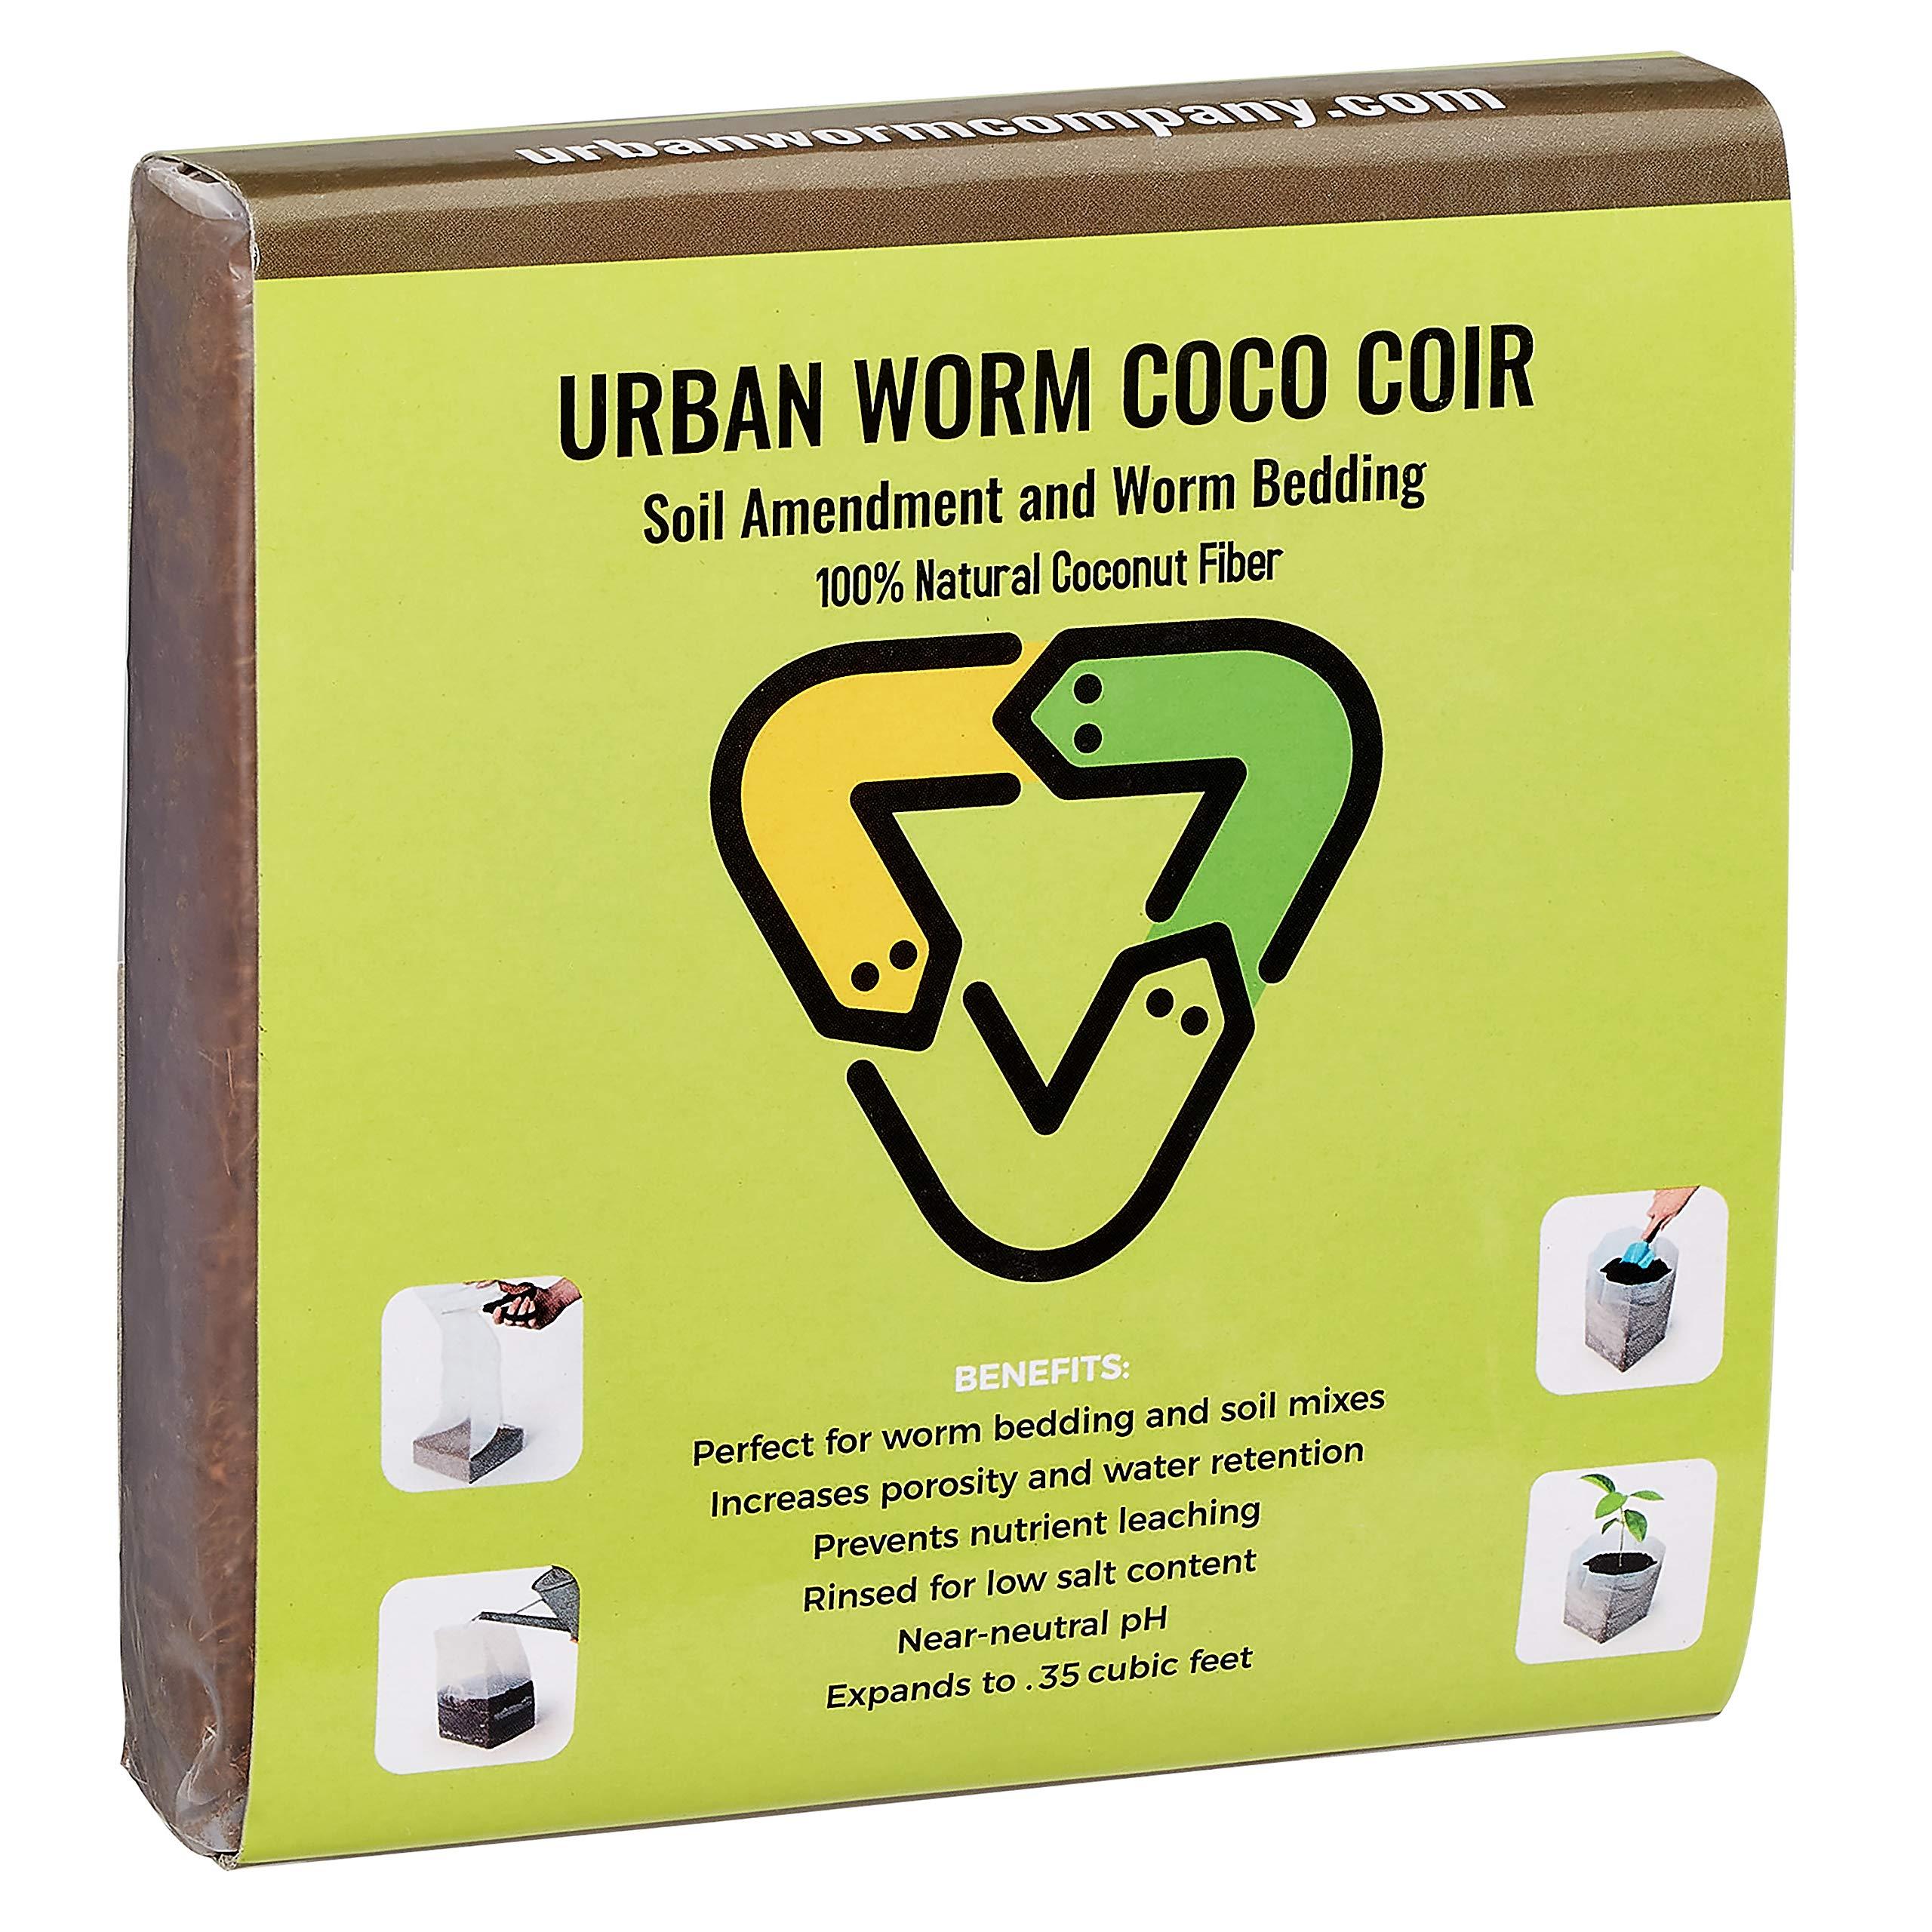 Urban Worm Coco Coir Soil Amendment and Bedding